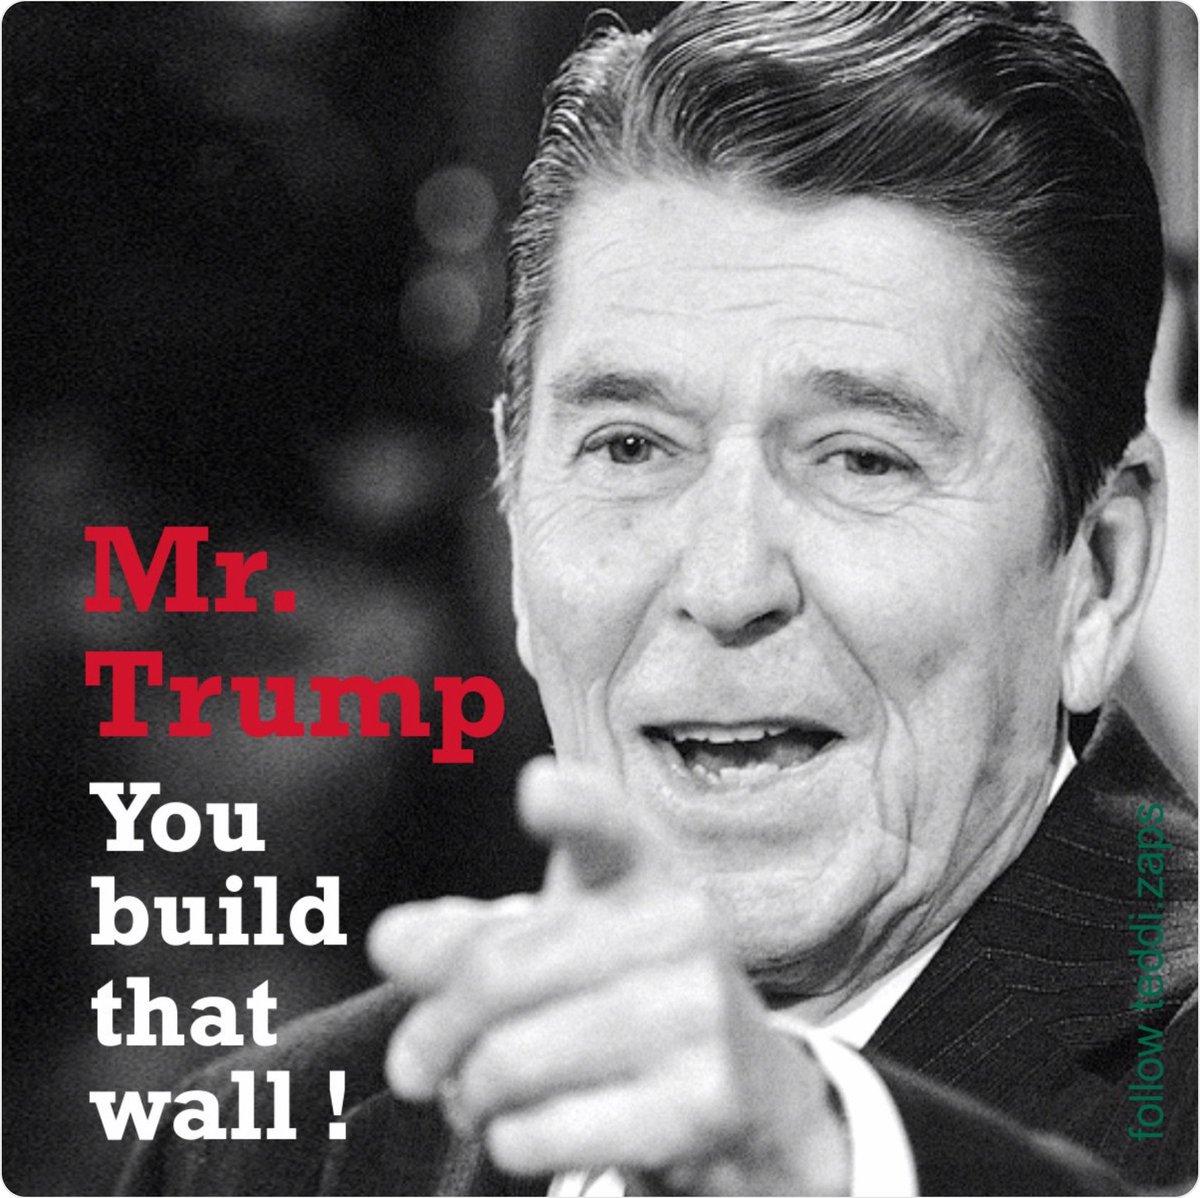 Mr.Trump, Build that Wall RT  Follow @heyitsCarolyn @USAFVet18 @DancinCowboy1 @LexaMerica @kaci150 @ImabitcSumtimes @WarriorWomenFo1 @PaulieD55 @GeanineC @briantopping66 @DFBHarvard @AlohaHa59067534 @RevKeithBritt @amicah1 @TeddiZaps2 @BelleHaalan @DevinnaMargot @DeePlorable2016